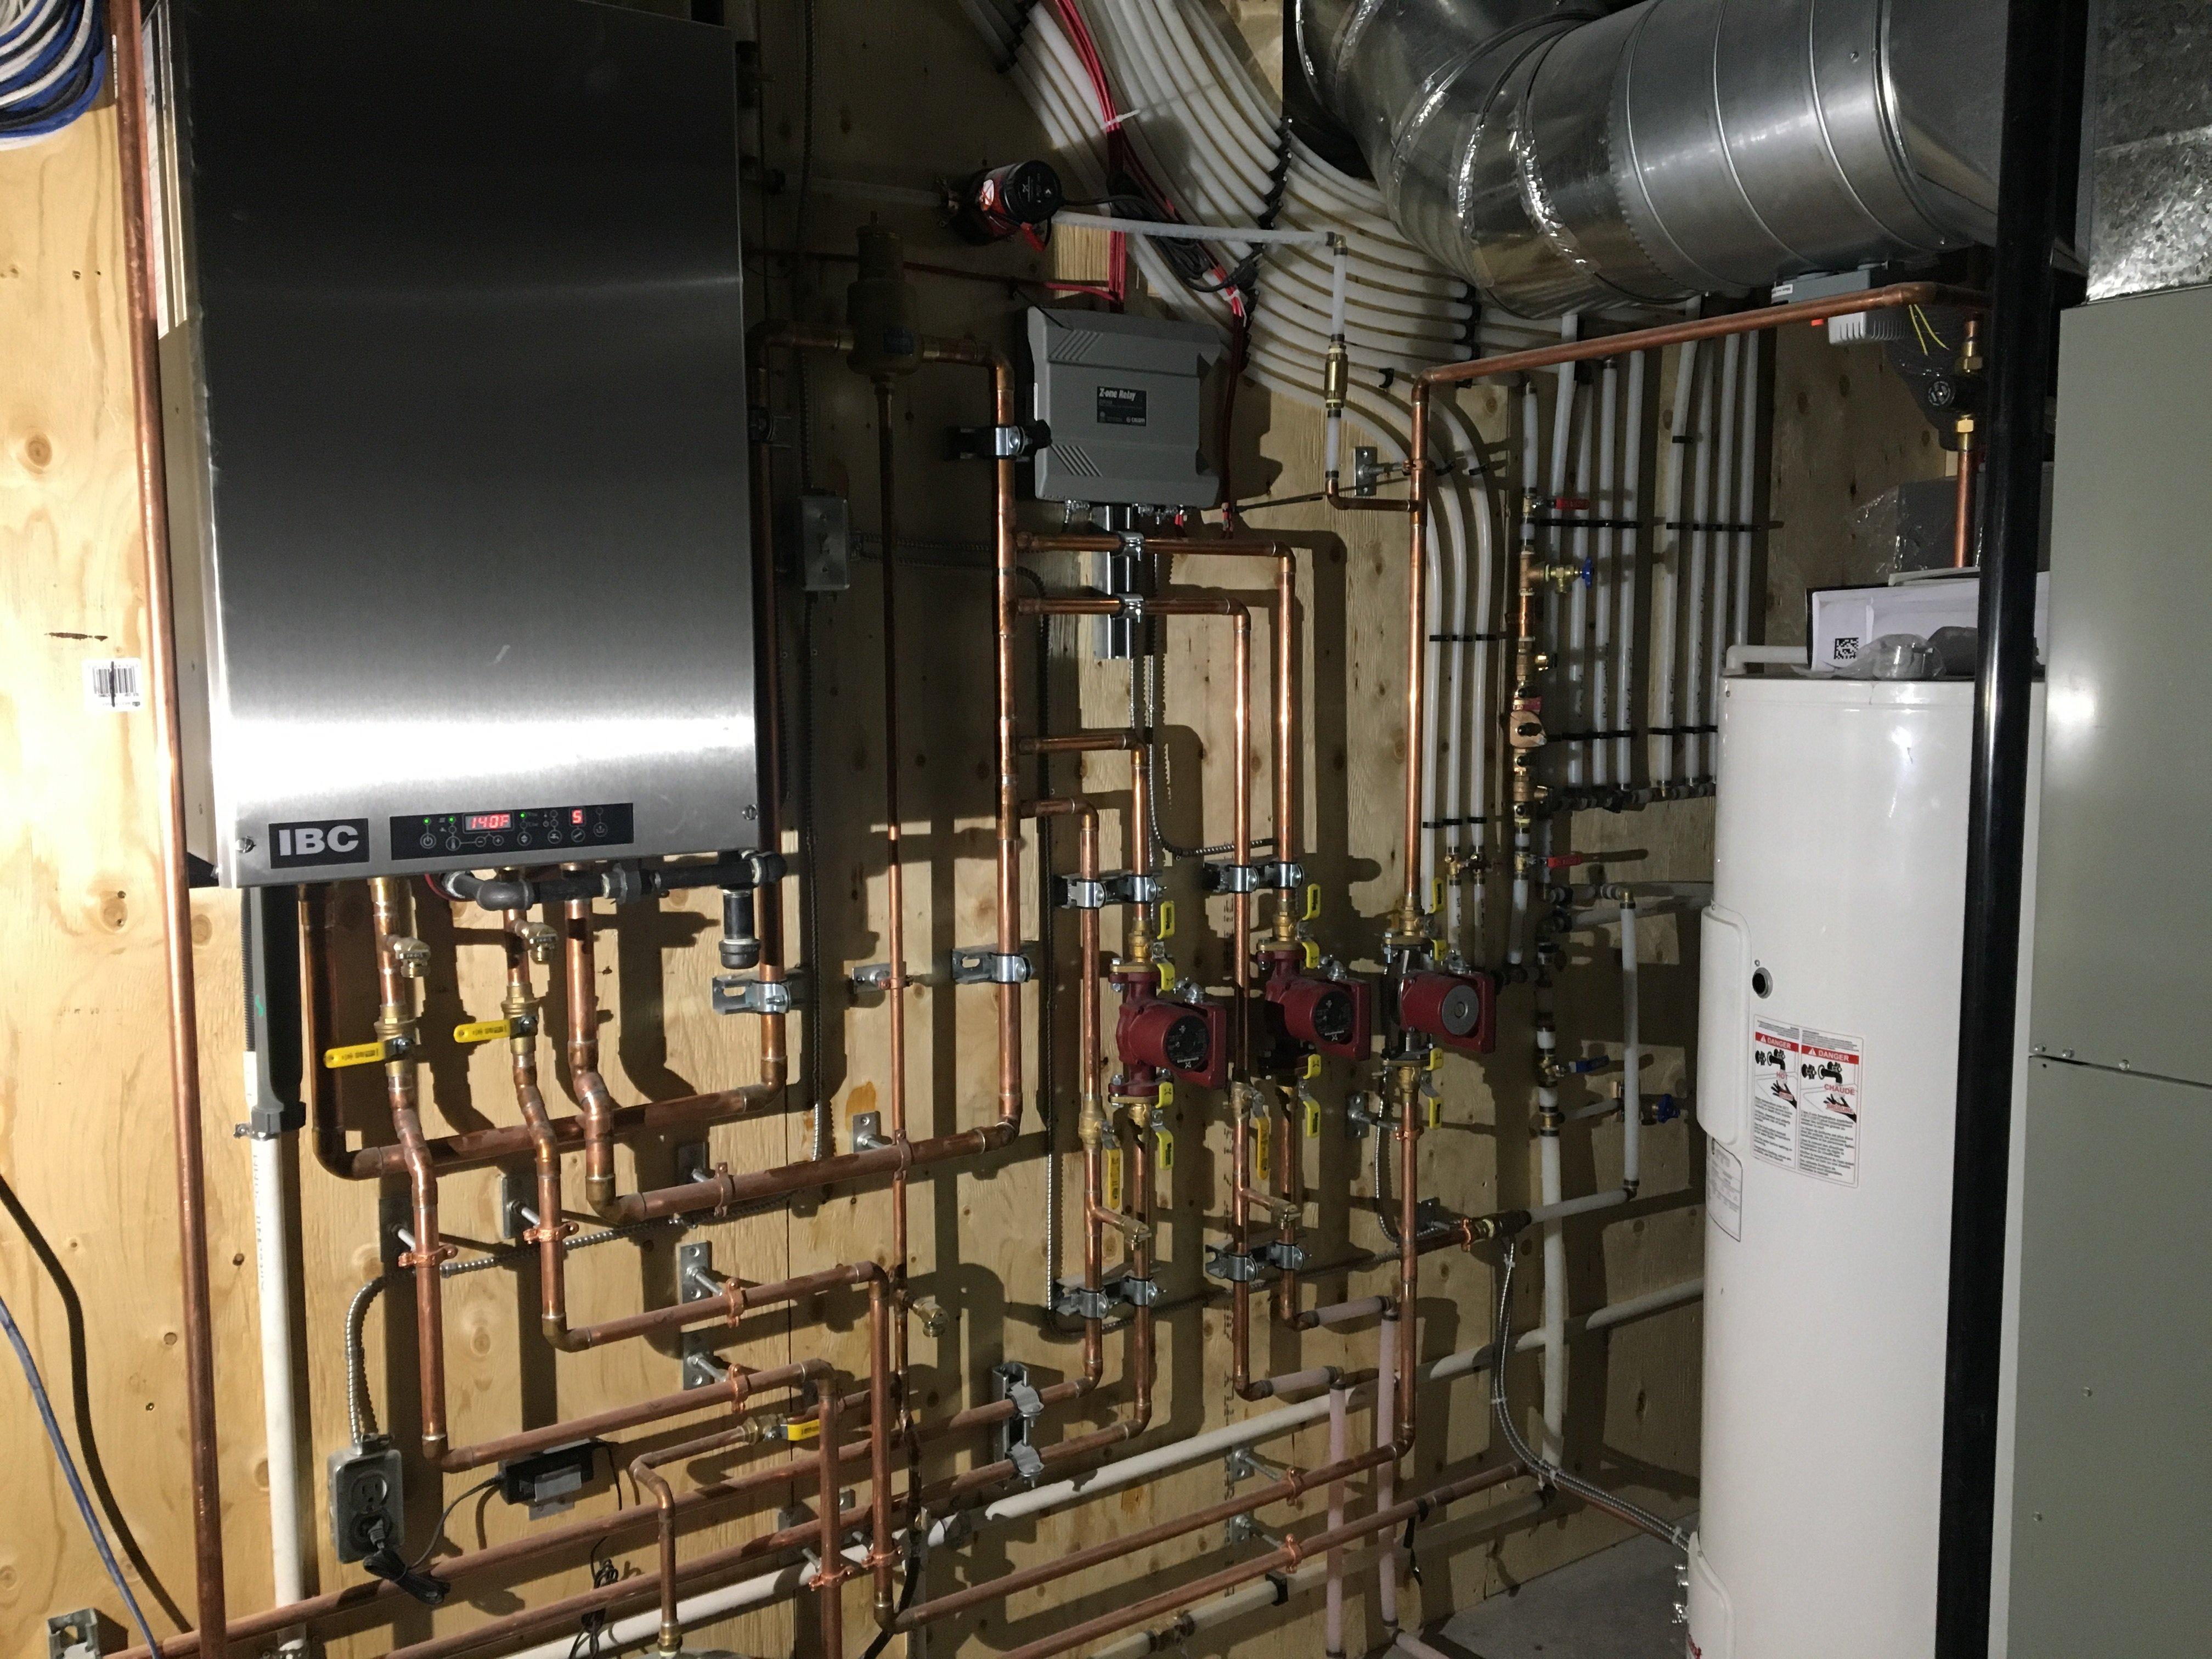 IBC Combi Boiler